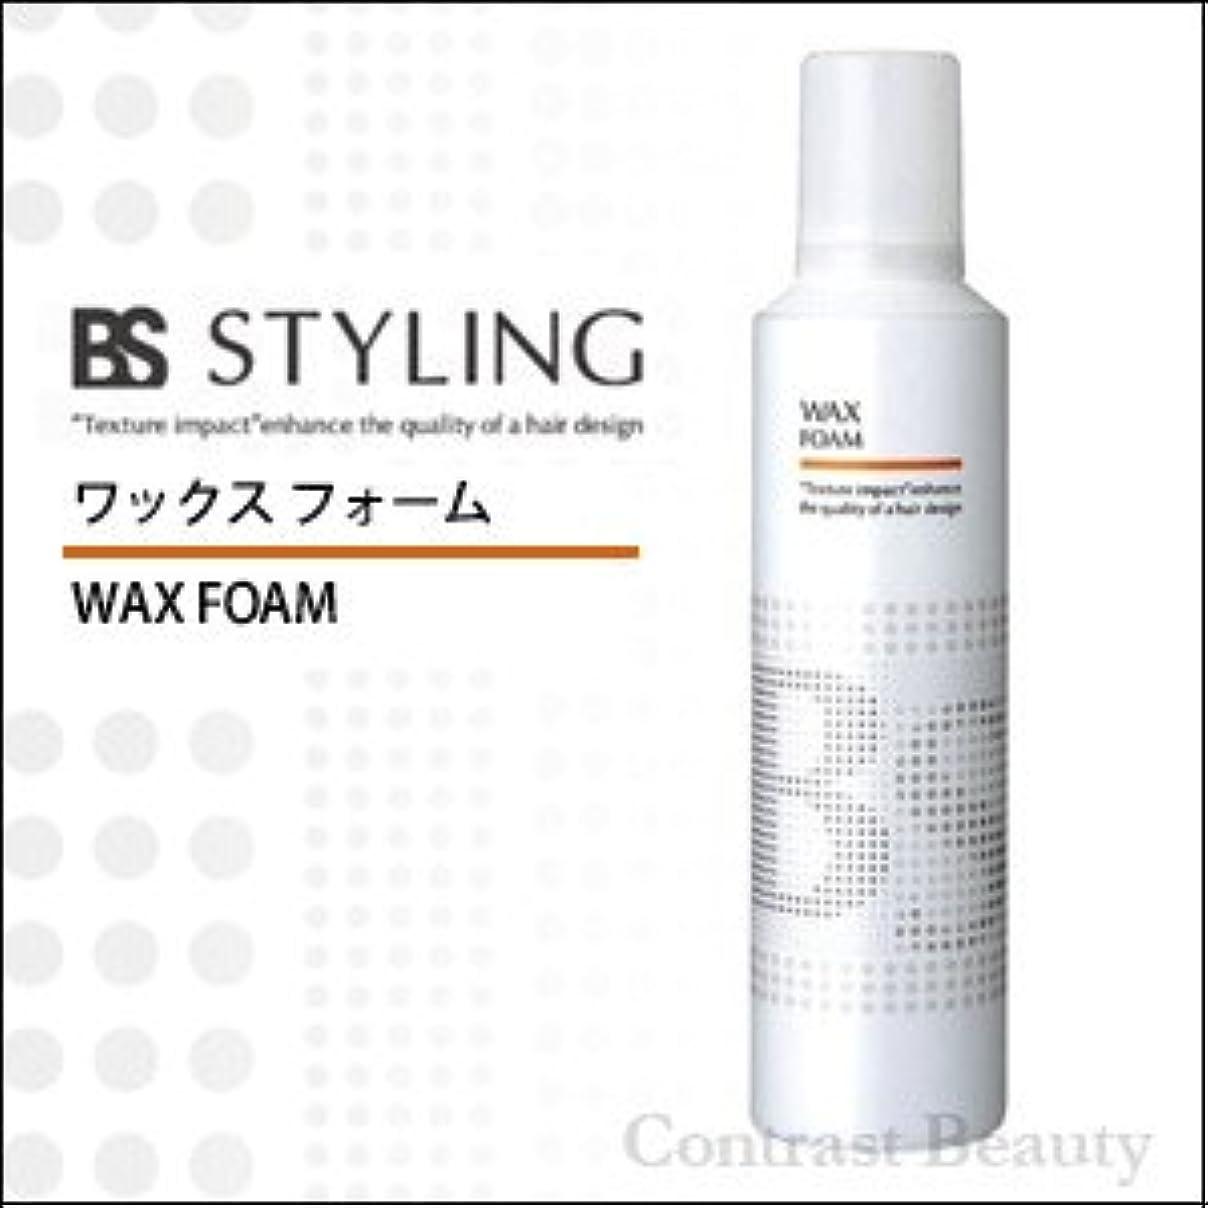 採用価格瀬戸際【X5個セット】 アリミノ BSスタイリングFOAM ワックスフォーム 230g